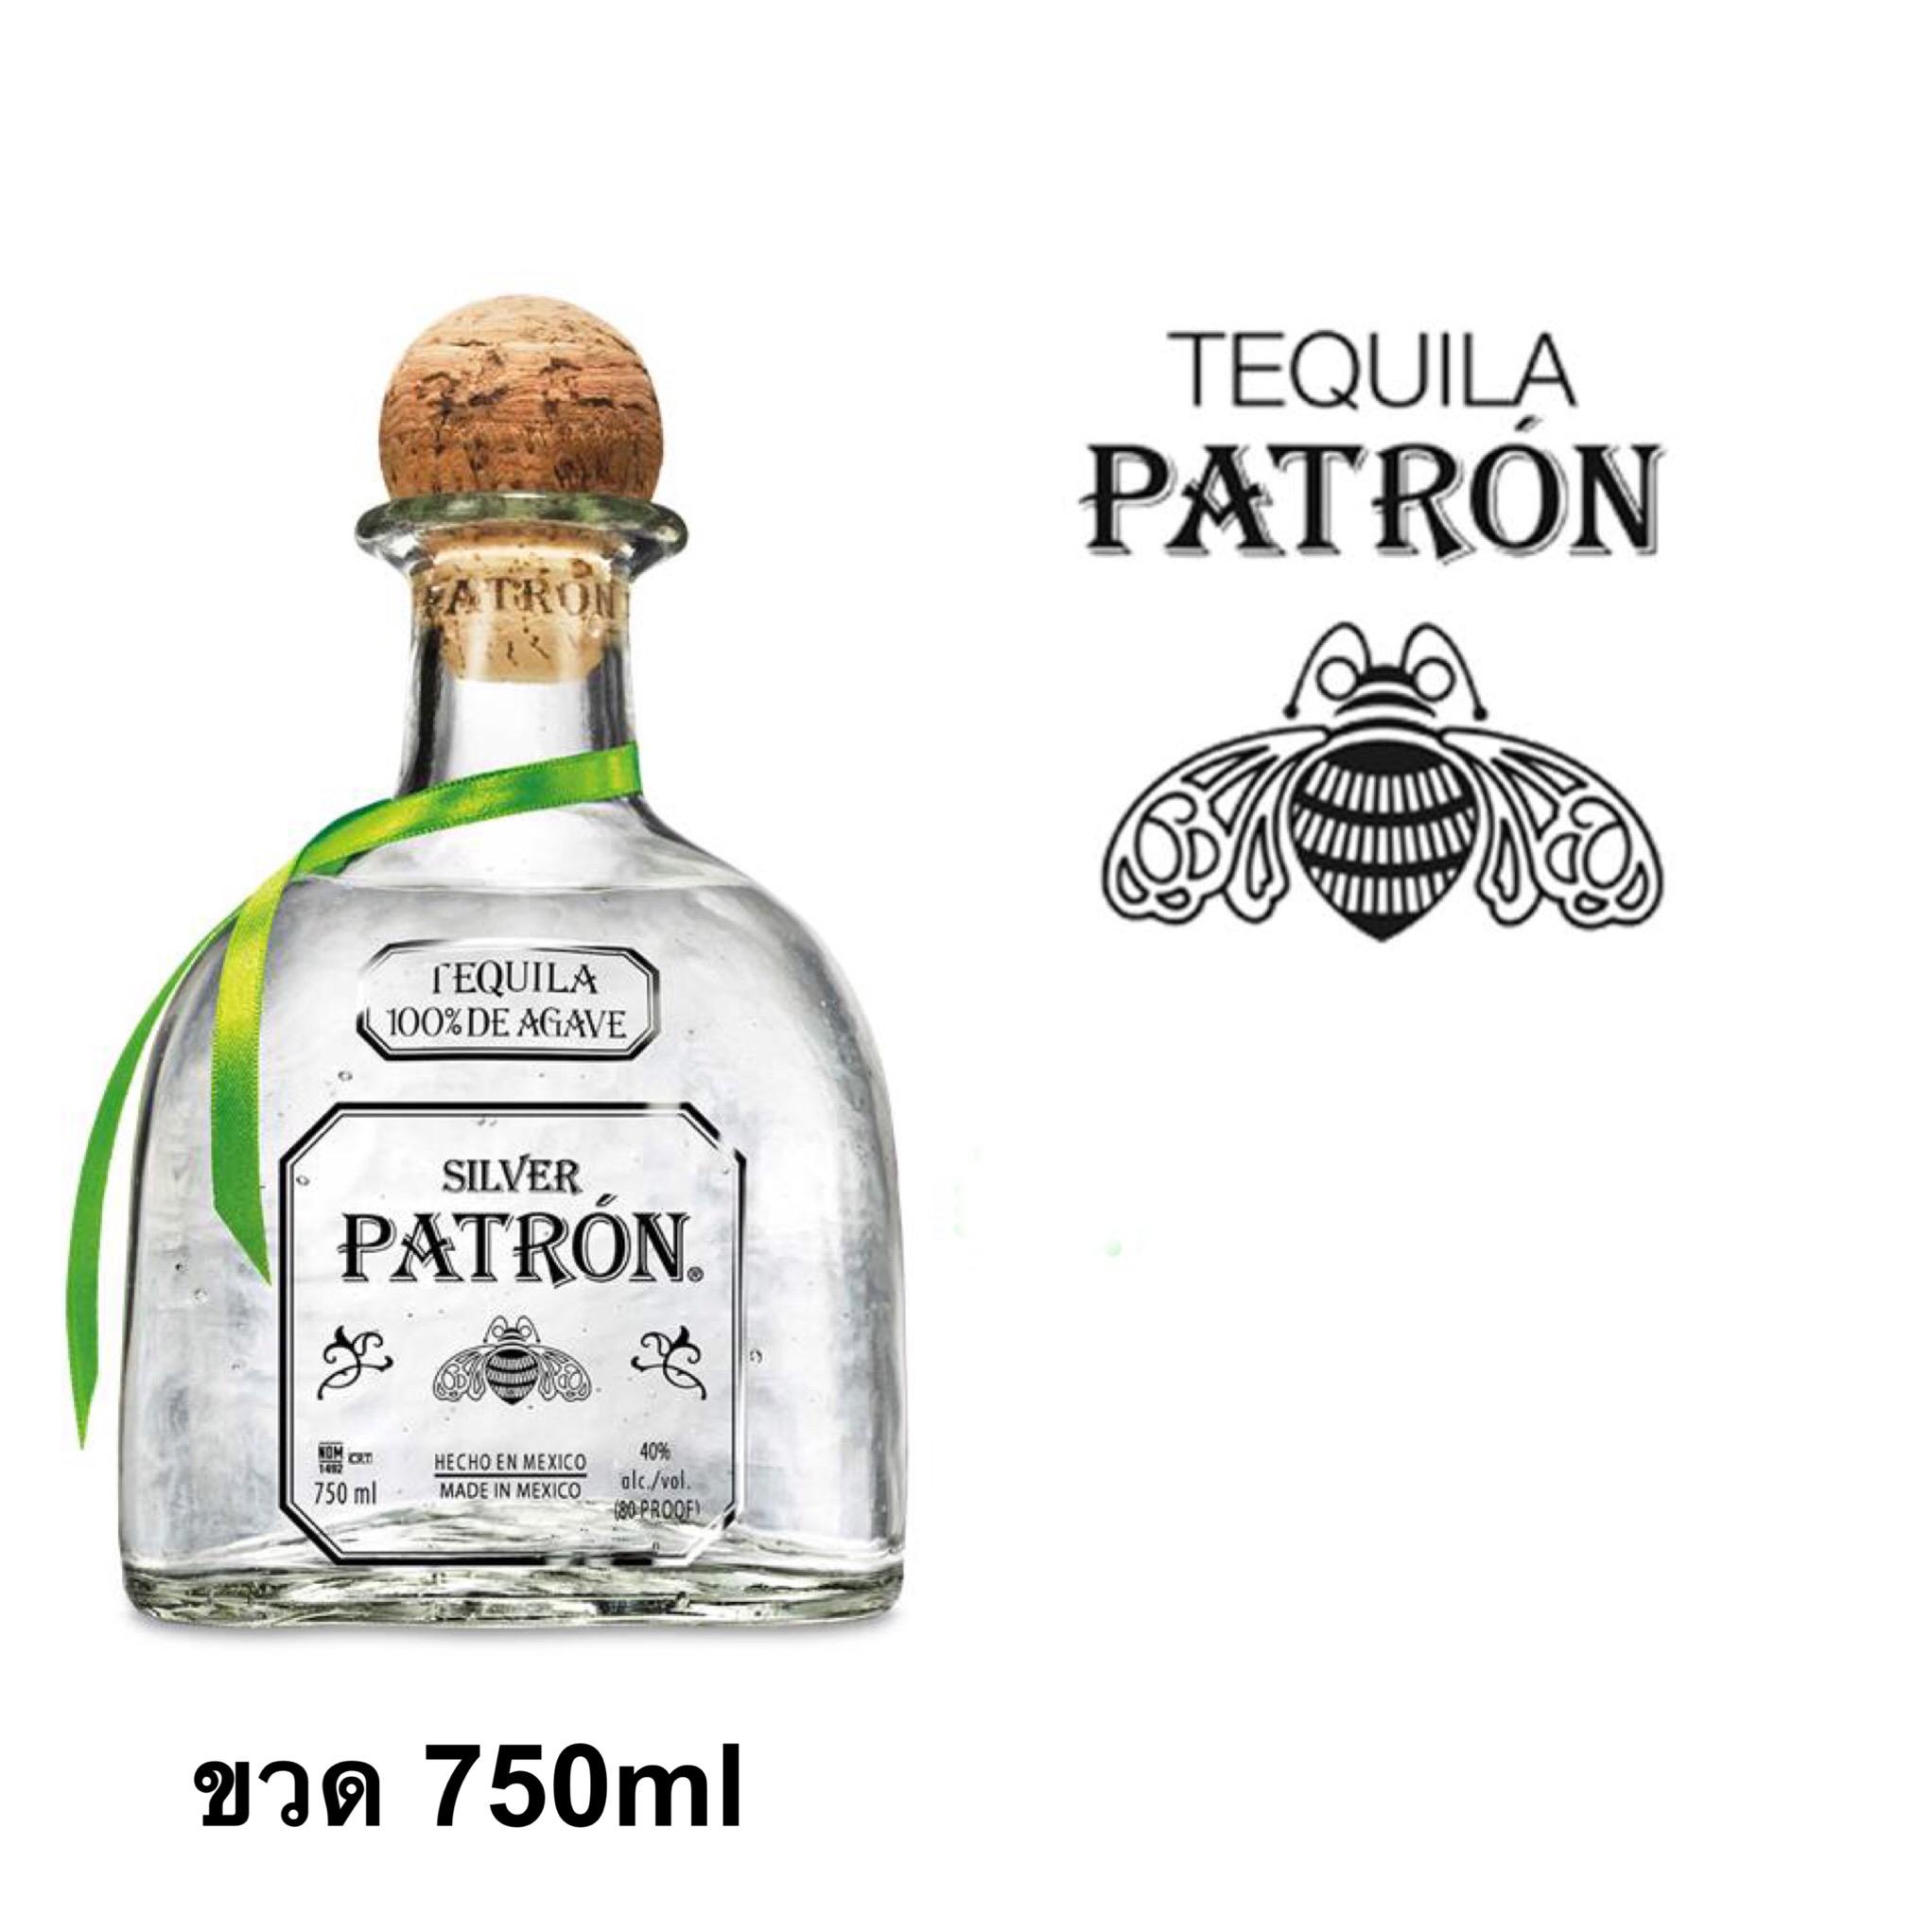 Tequila Patron 750ml